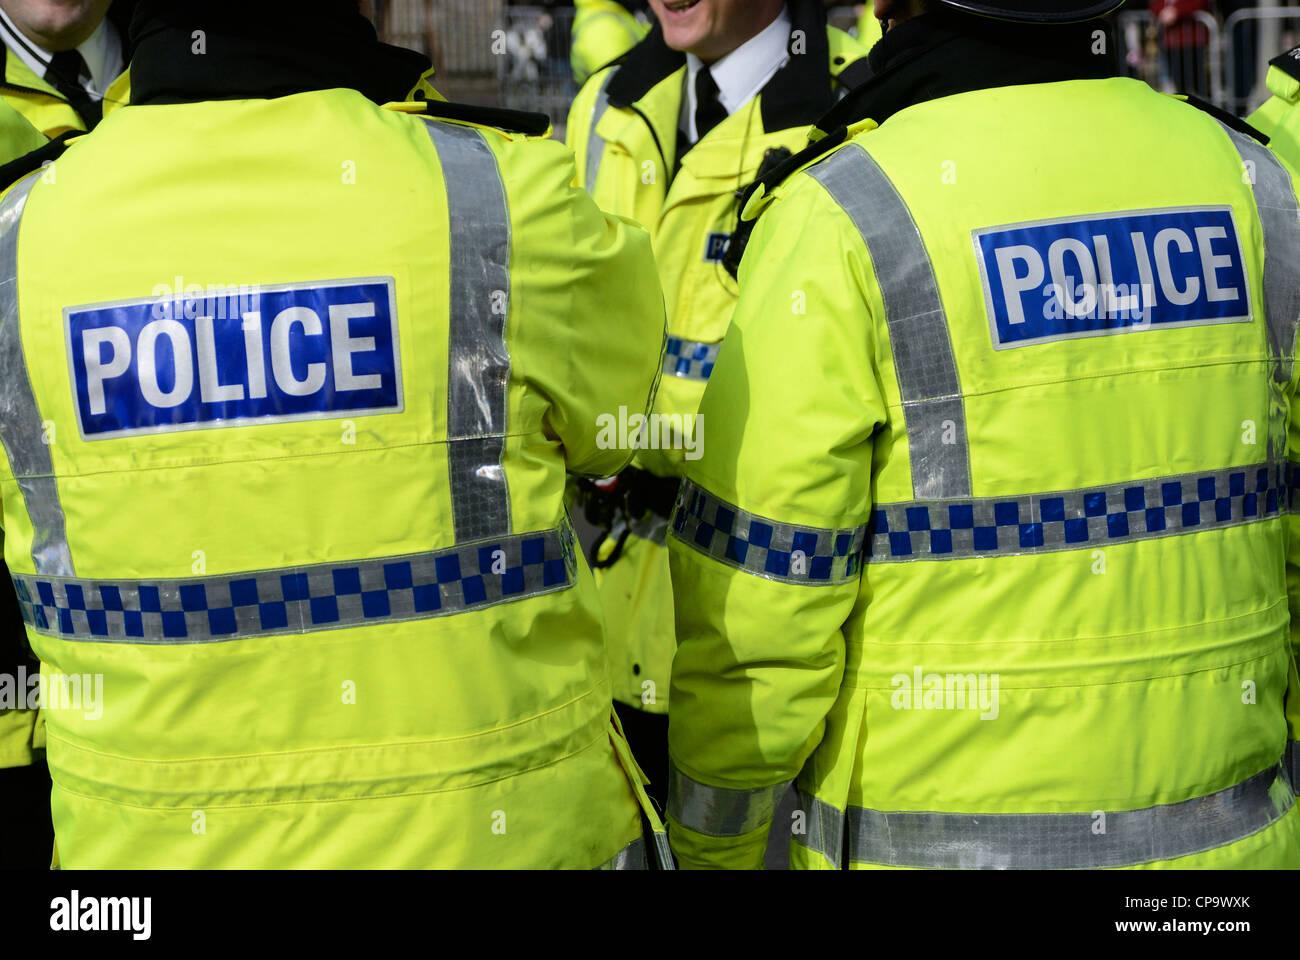 La police en fluorescent yellow jackets. Banque D'Images